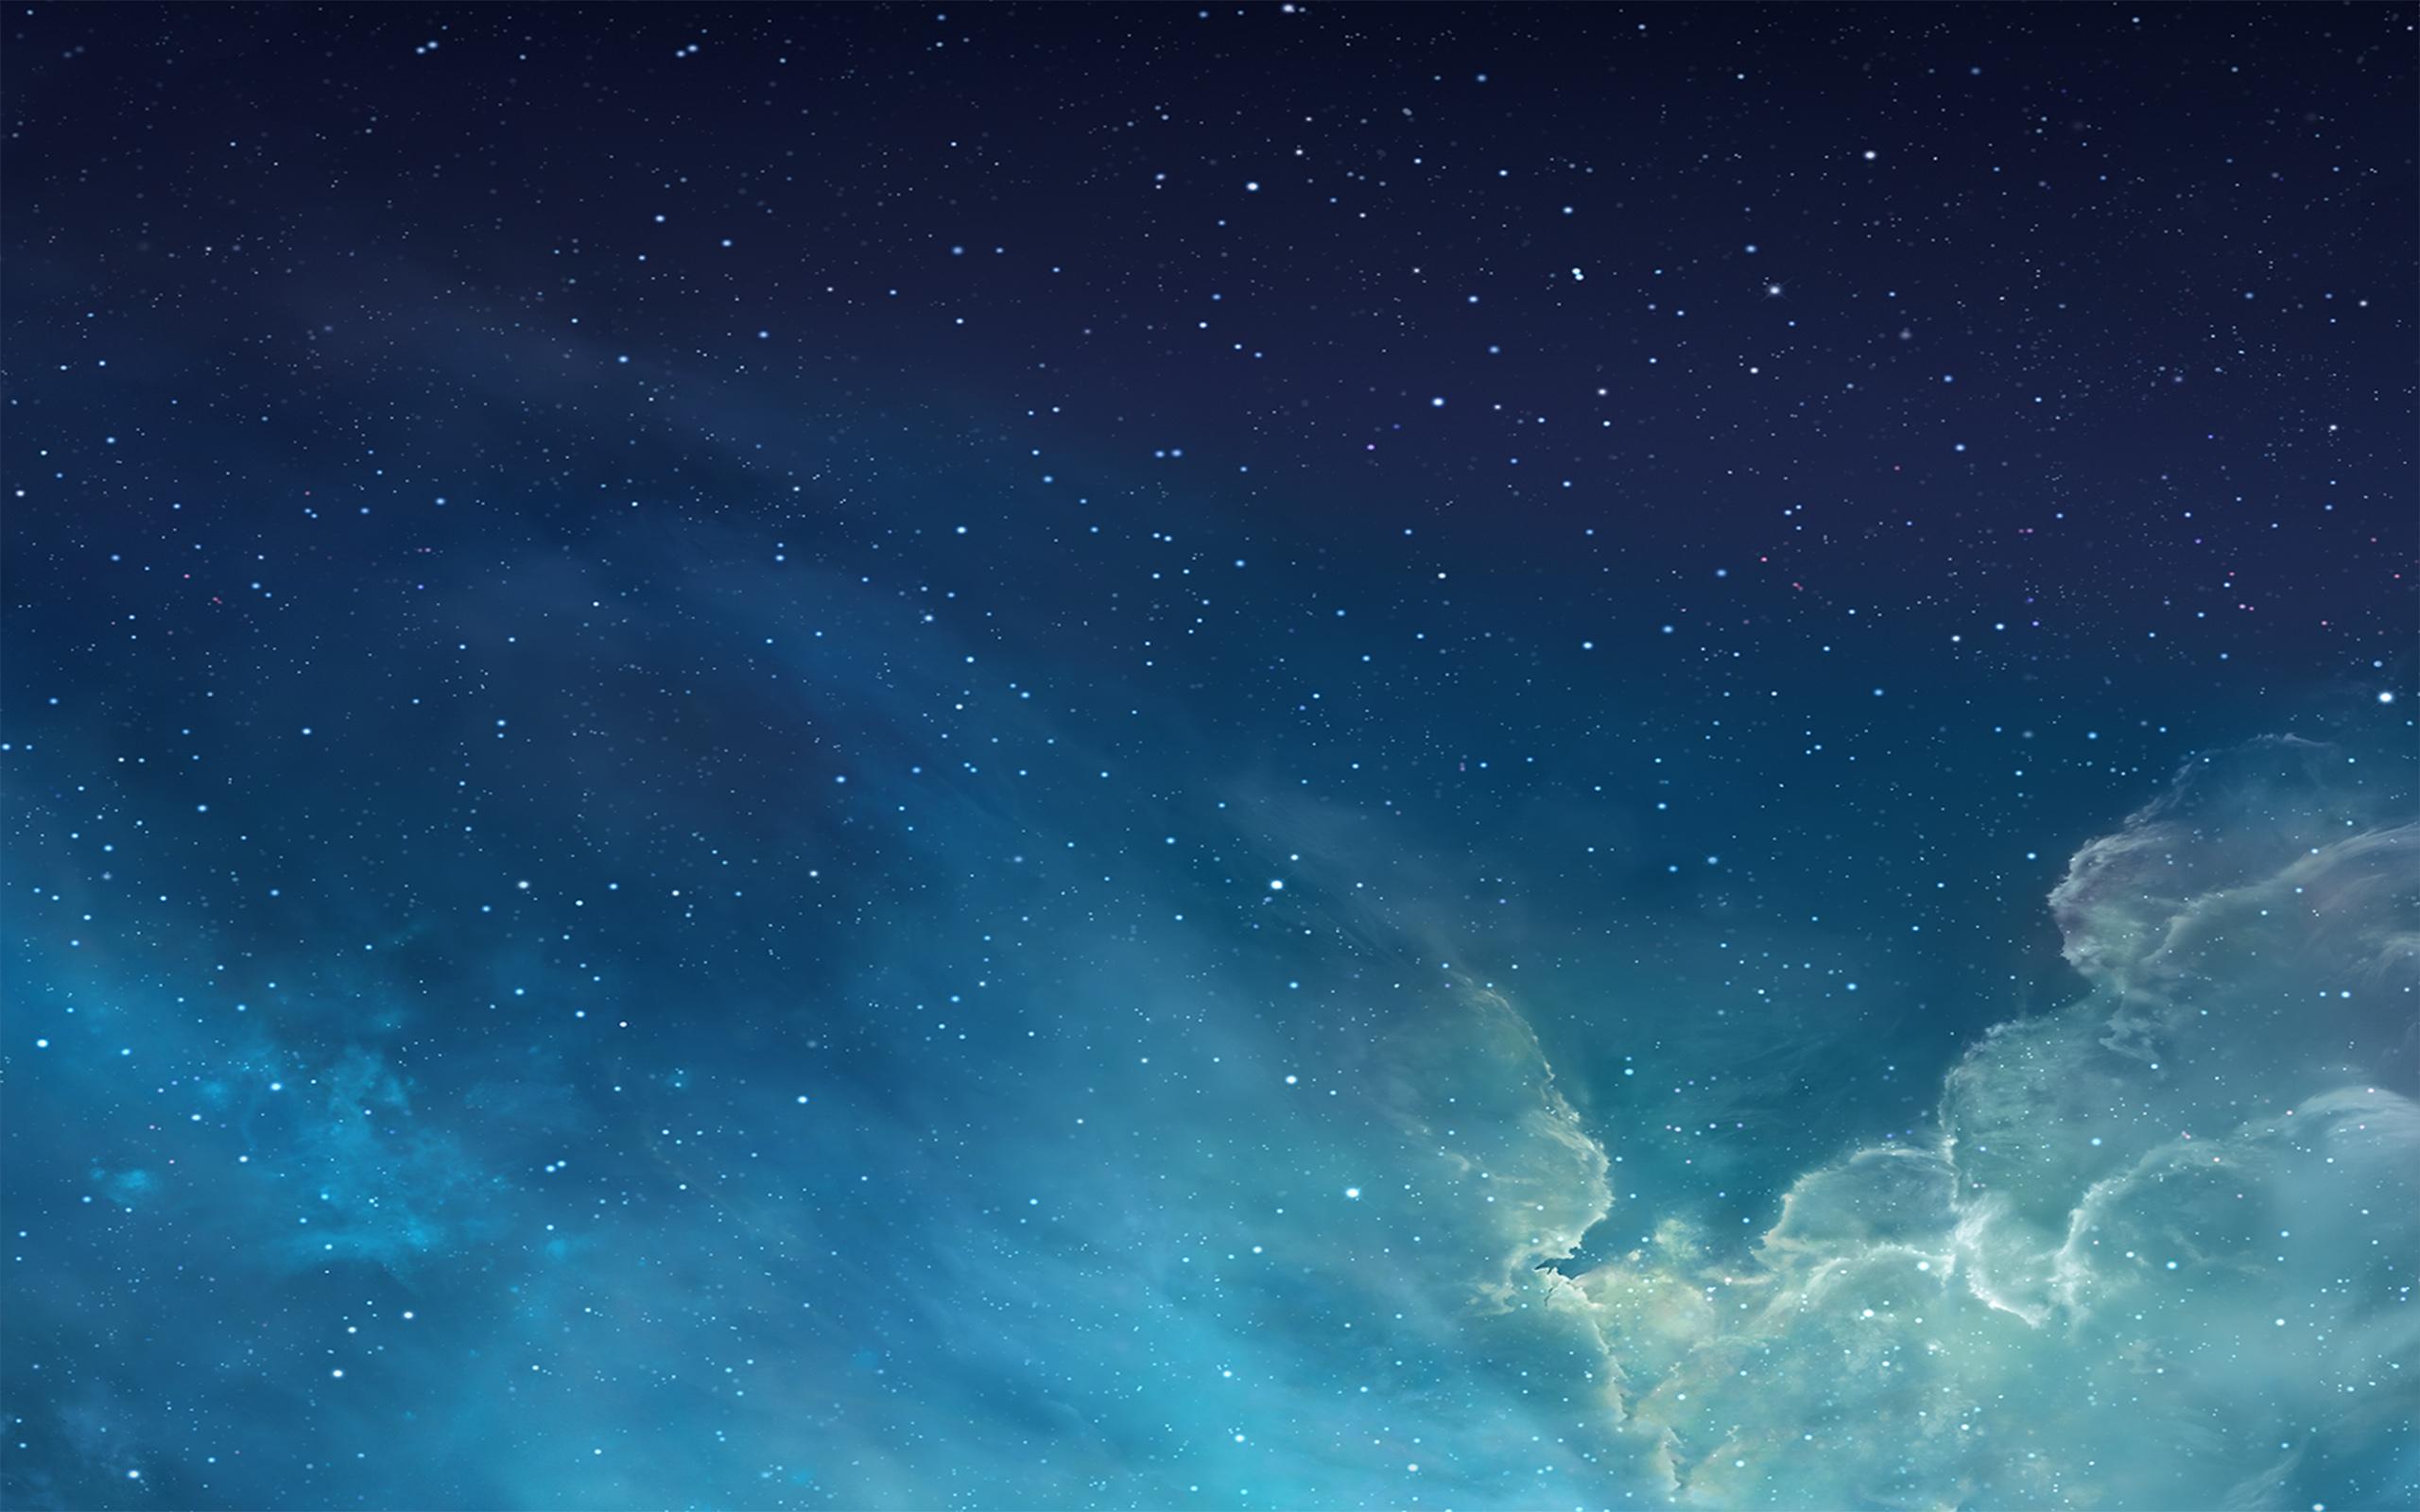 IOS Background